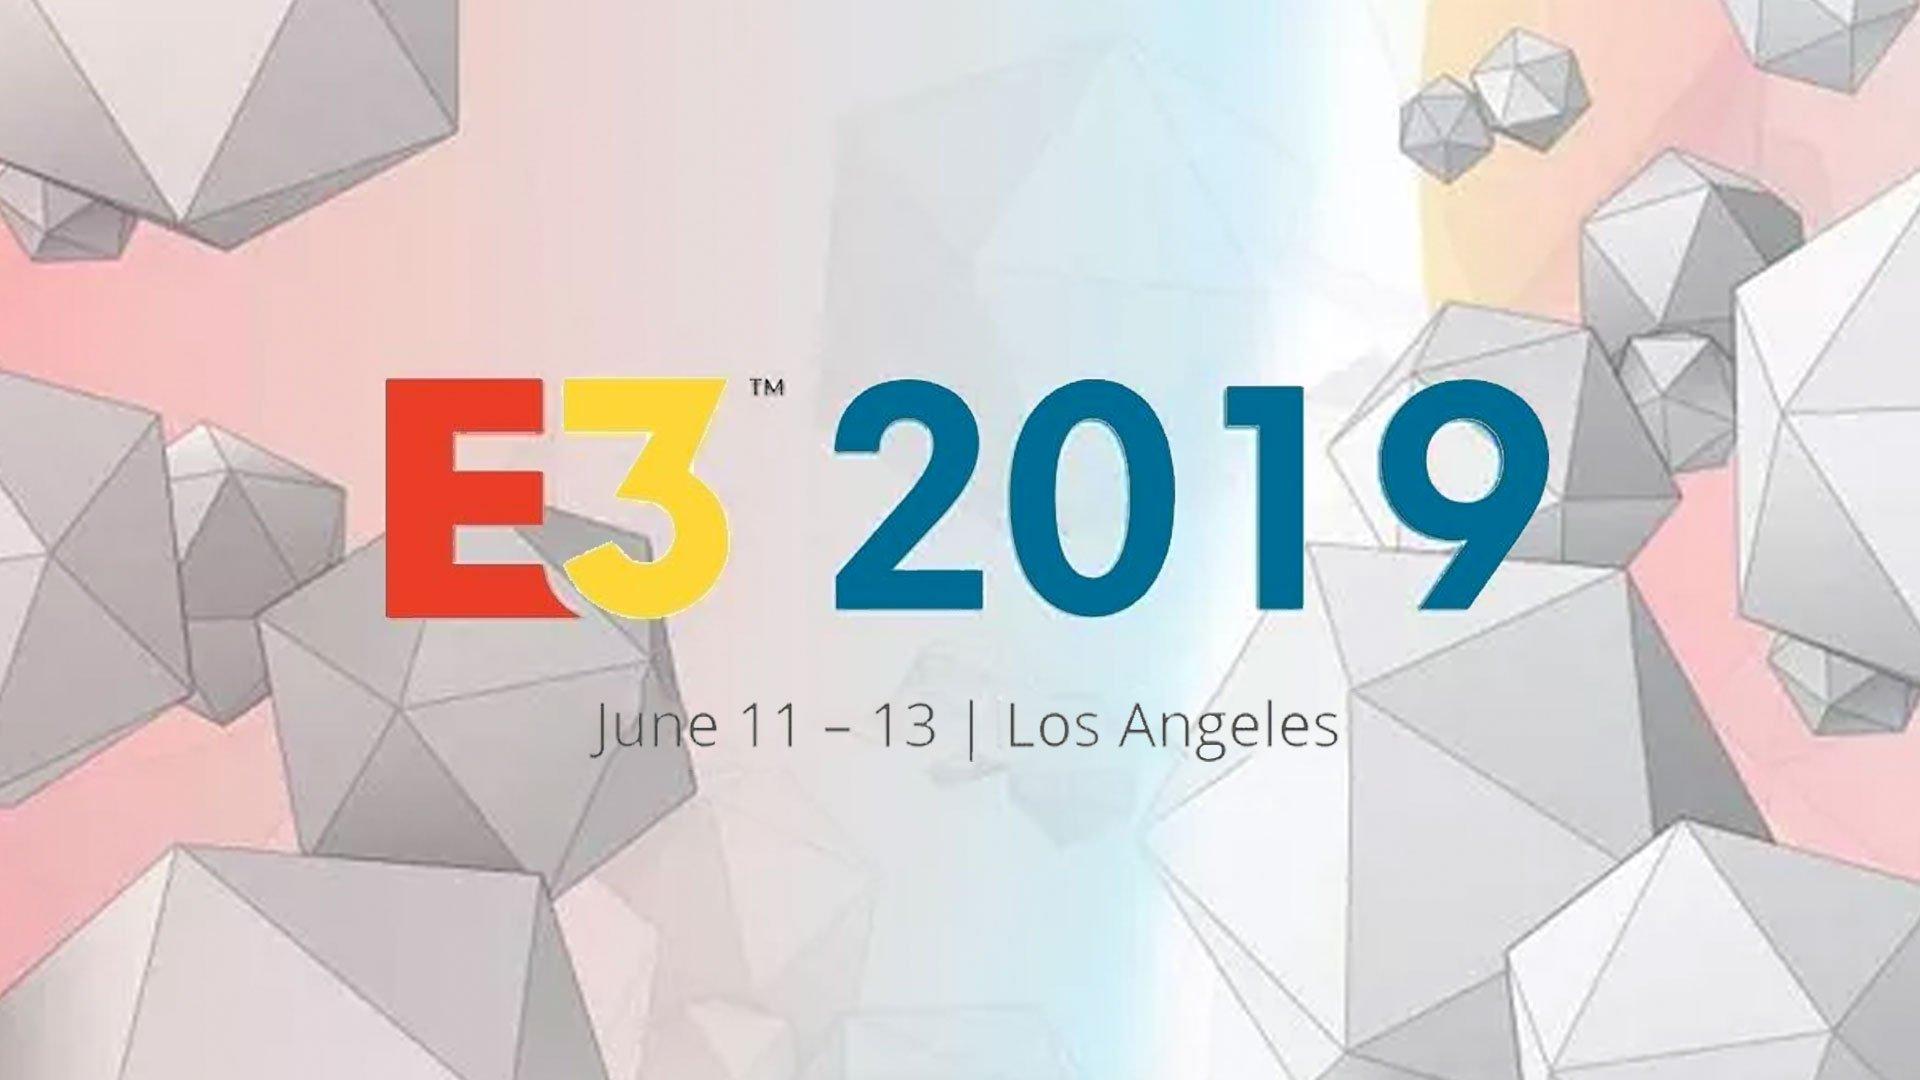 Nintendo anuncia seus planos para a E3: Torneios, Direct, Threehouse; Confira as datas